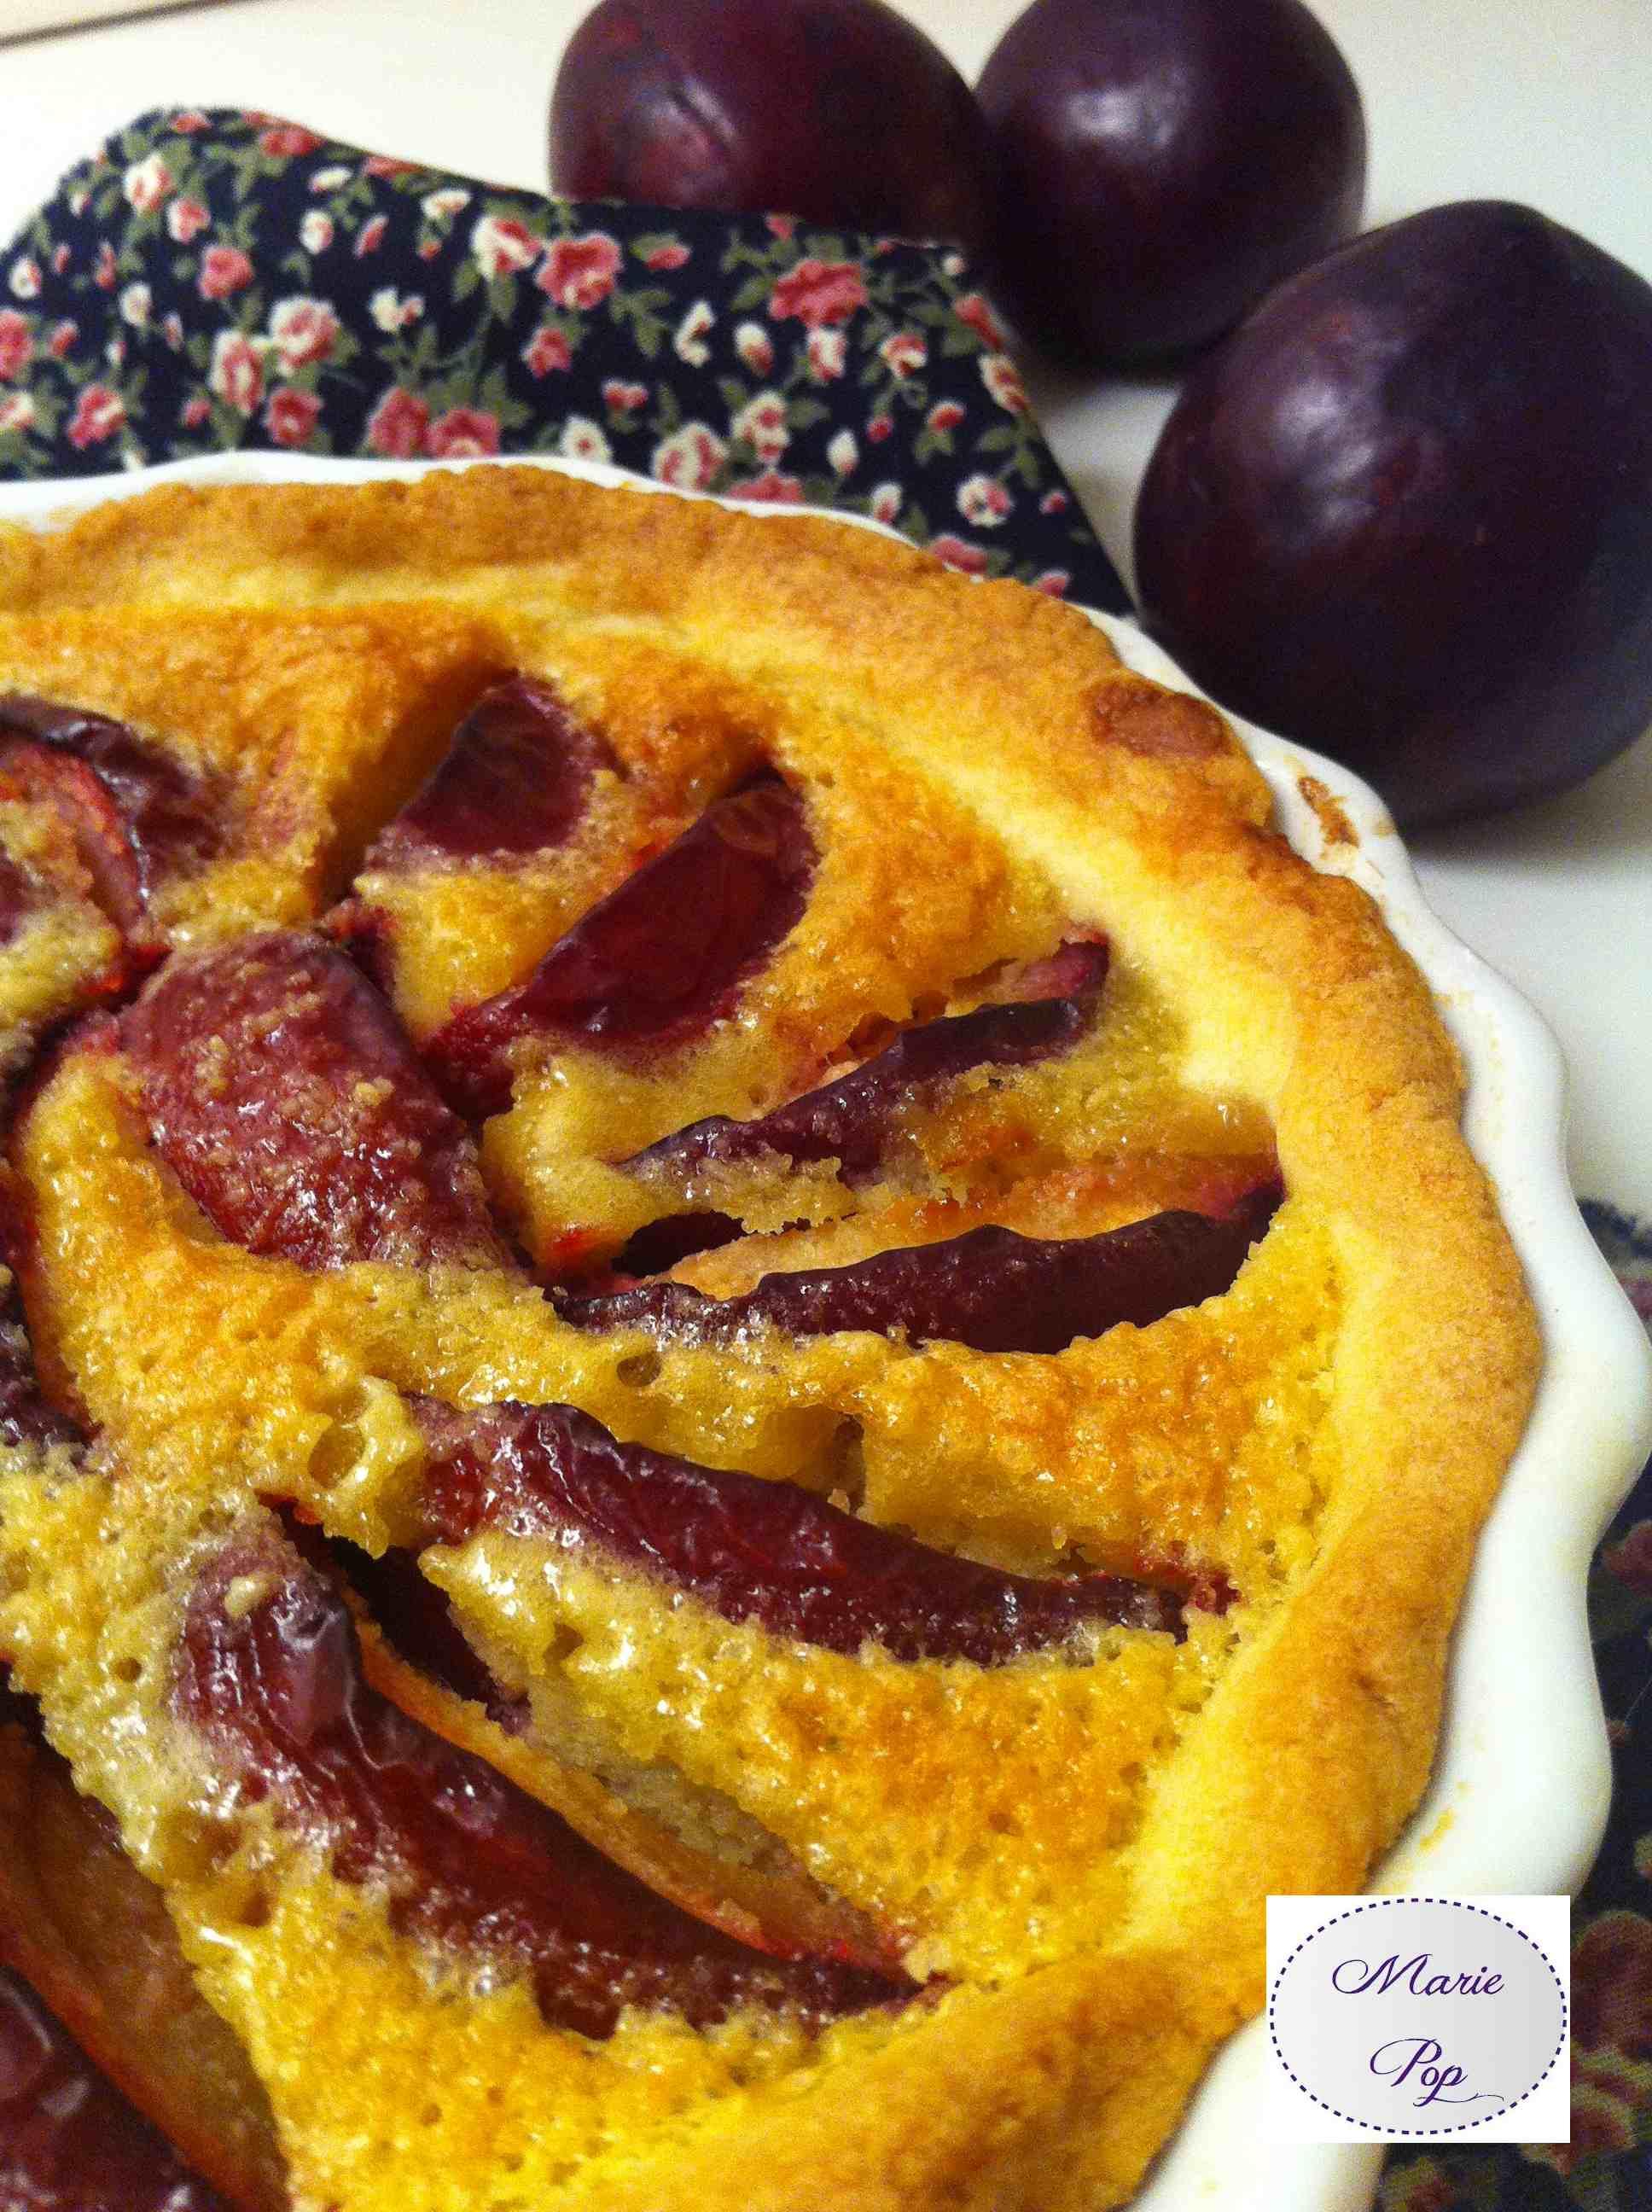 Tarte aux prunes rouge - la recette très gourmande